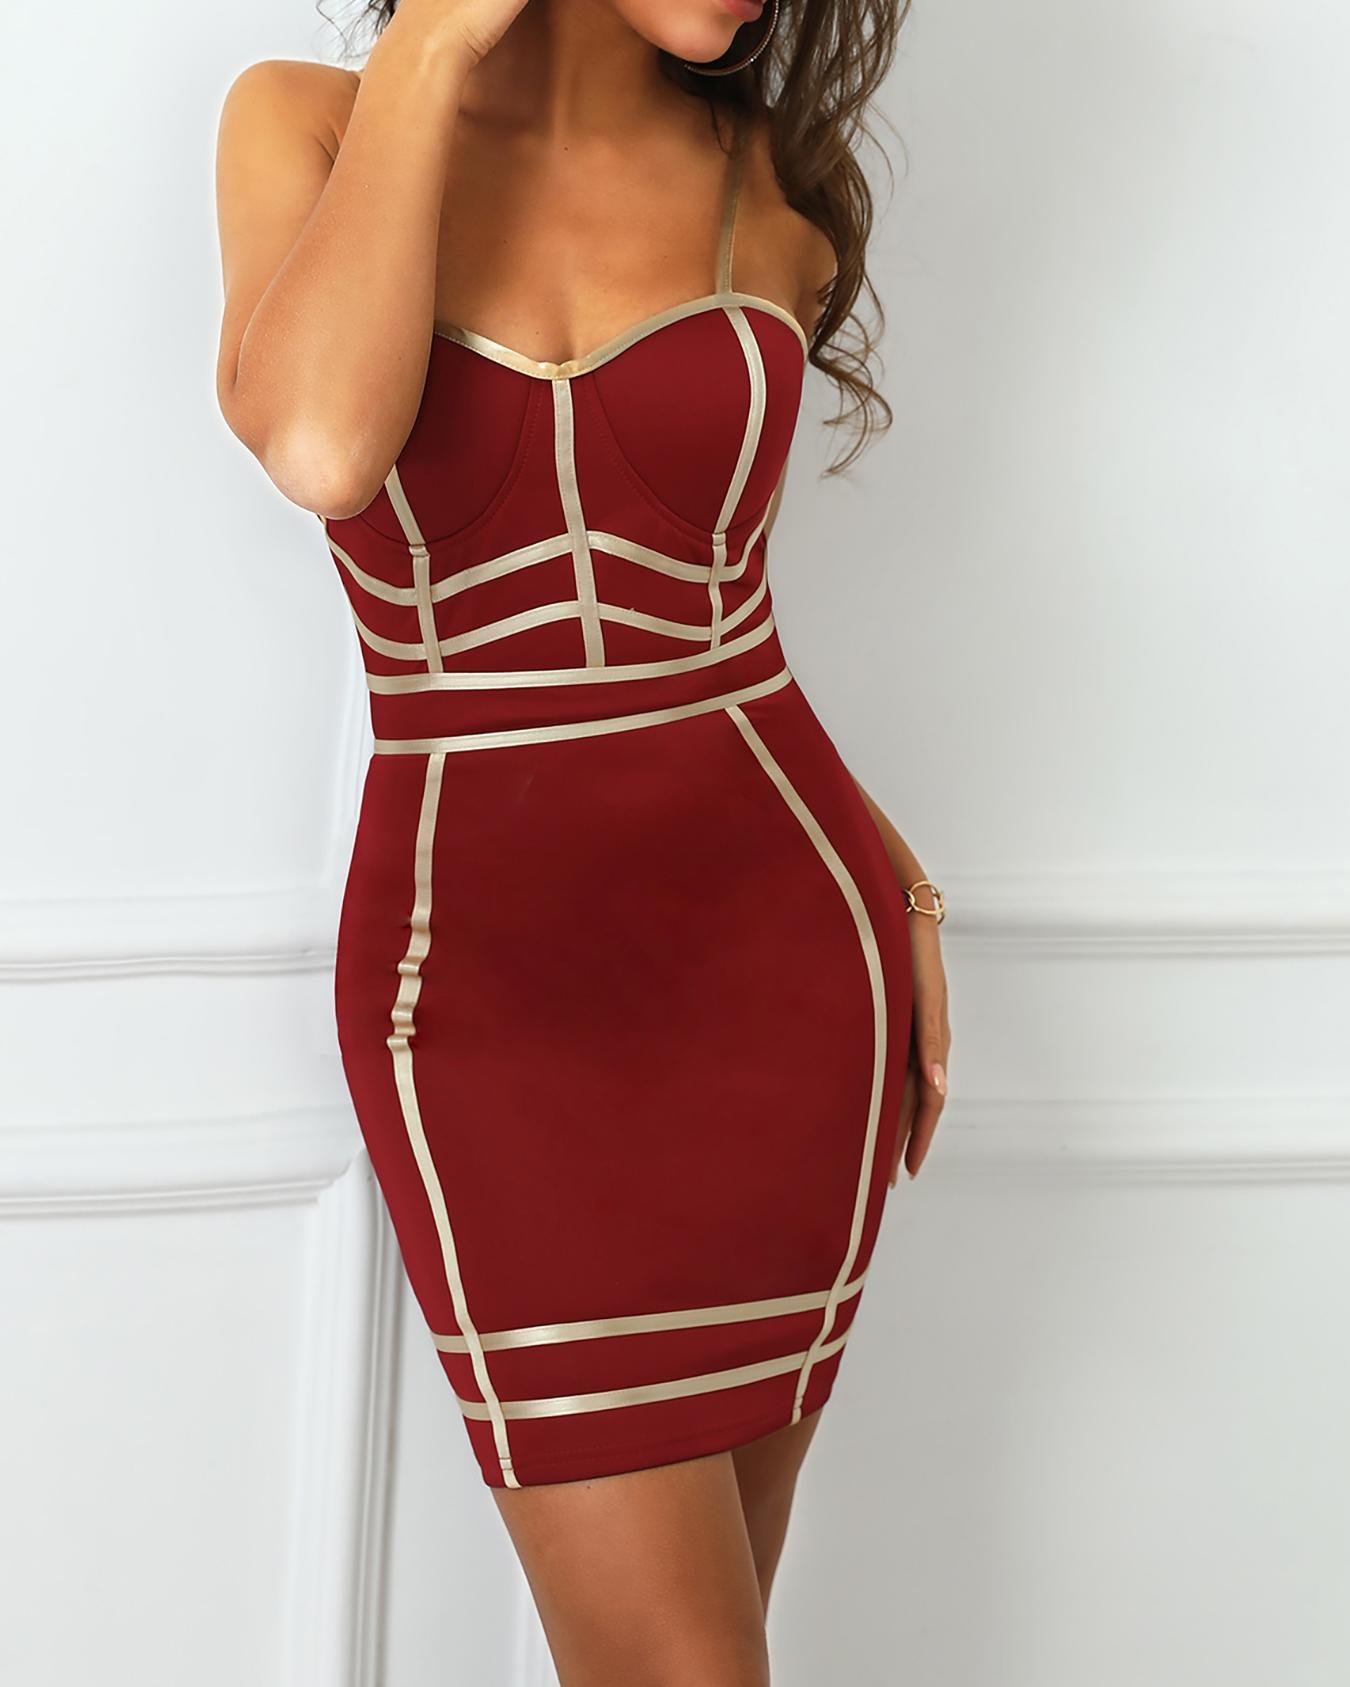 Reflective-Striped Spaghetti Strap Bodycon Dress фото